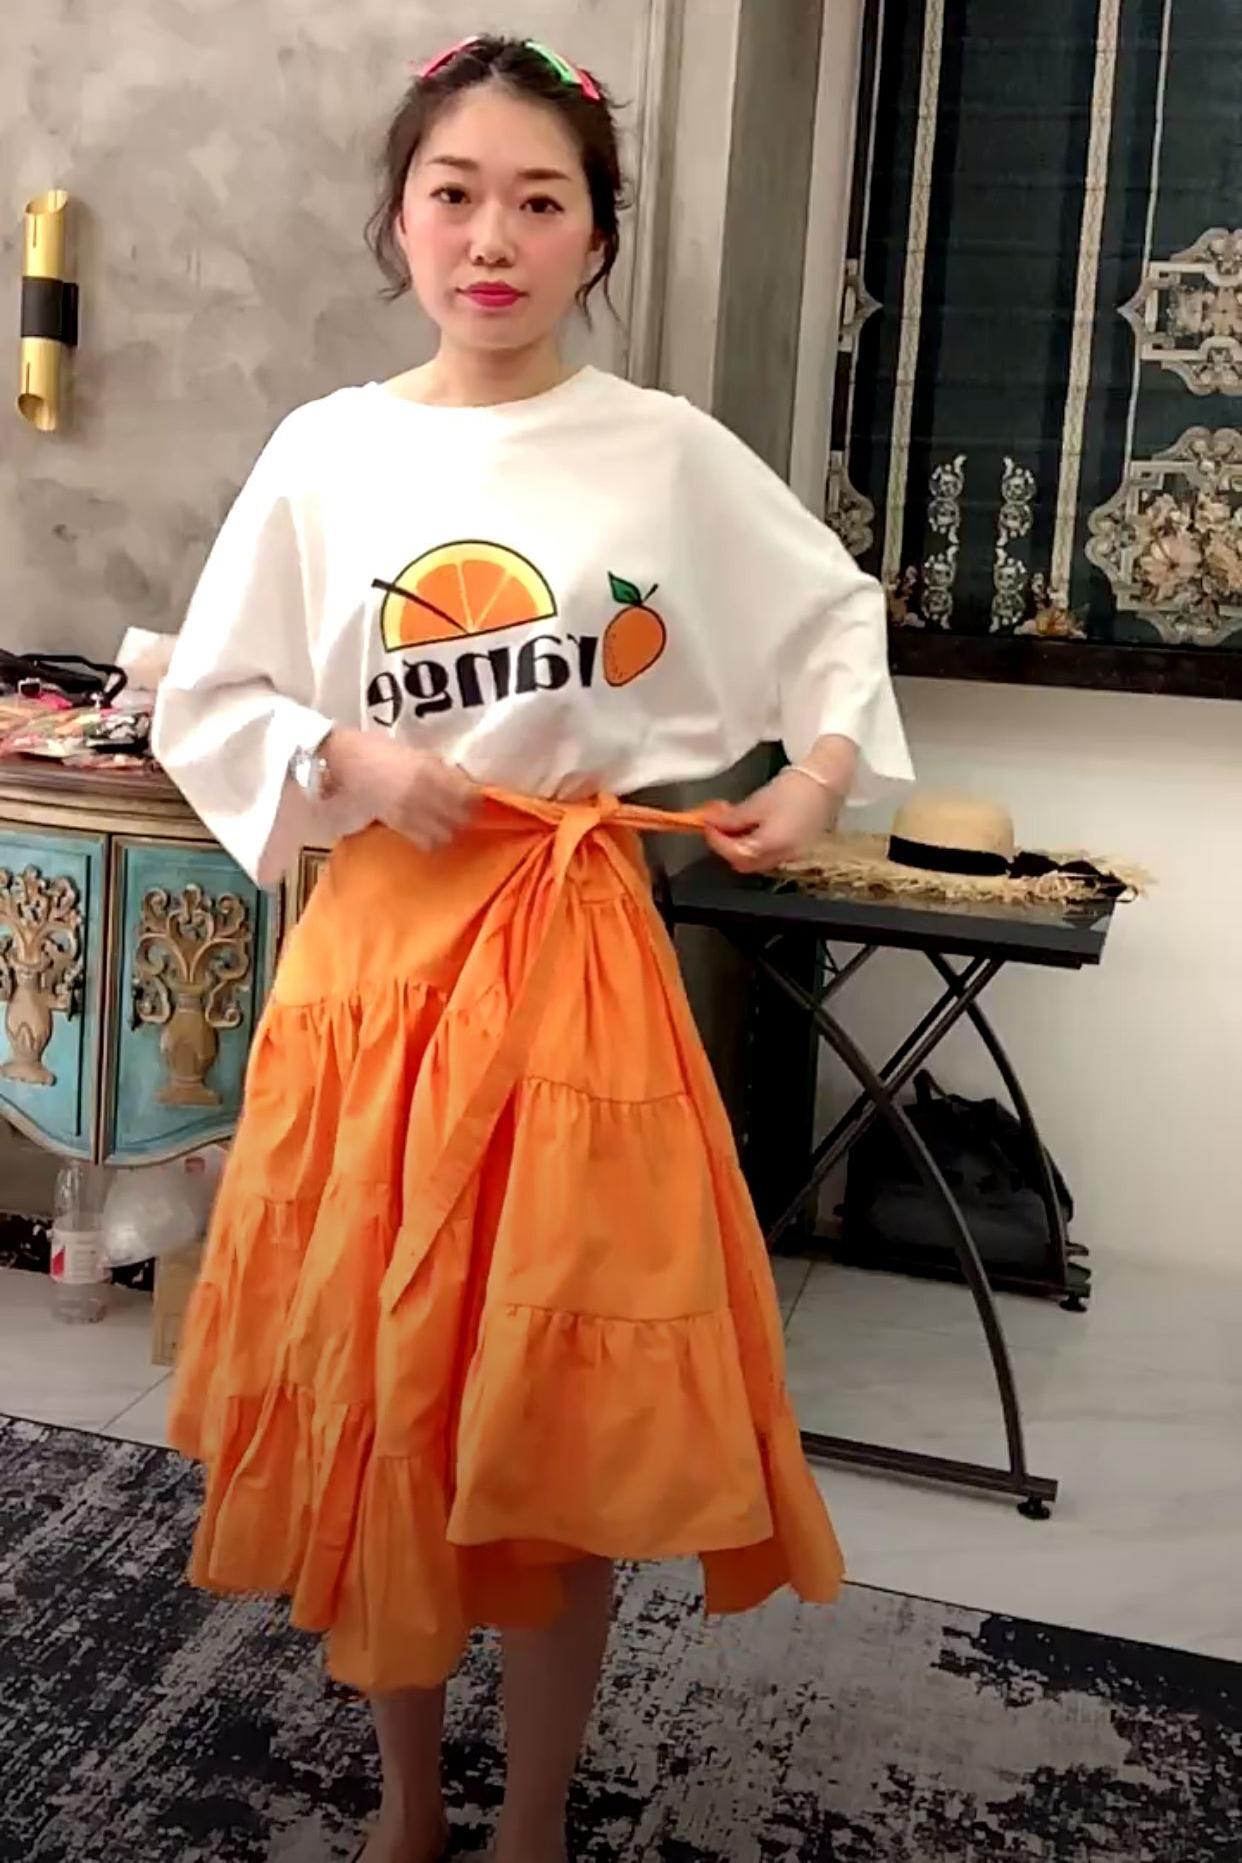 波拉BORAKOO韩国东大门夏正品 出游b入~白色橘子宽松中长短袖T恤